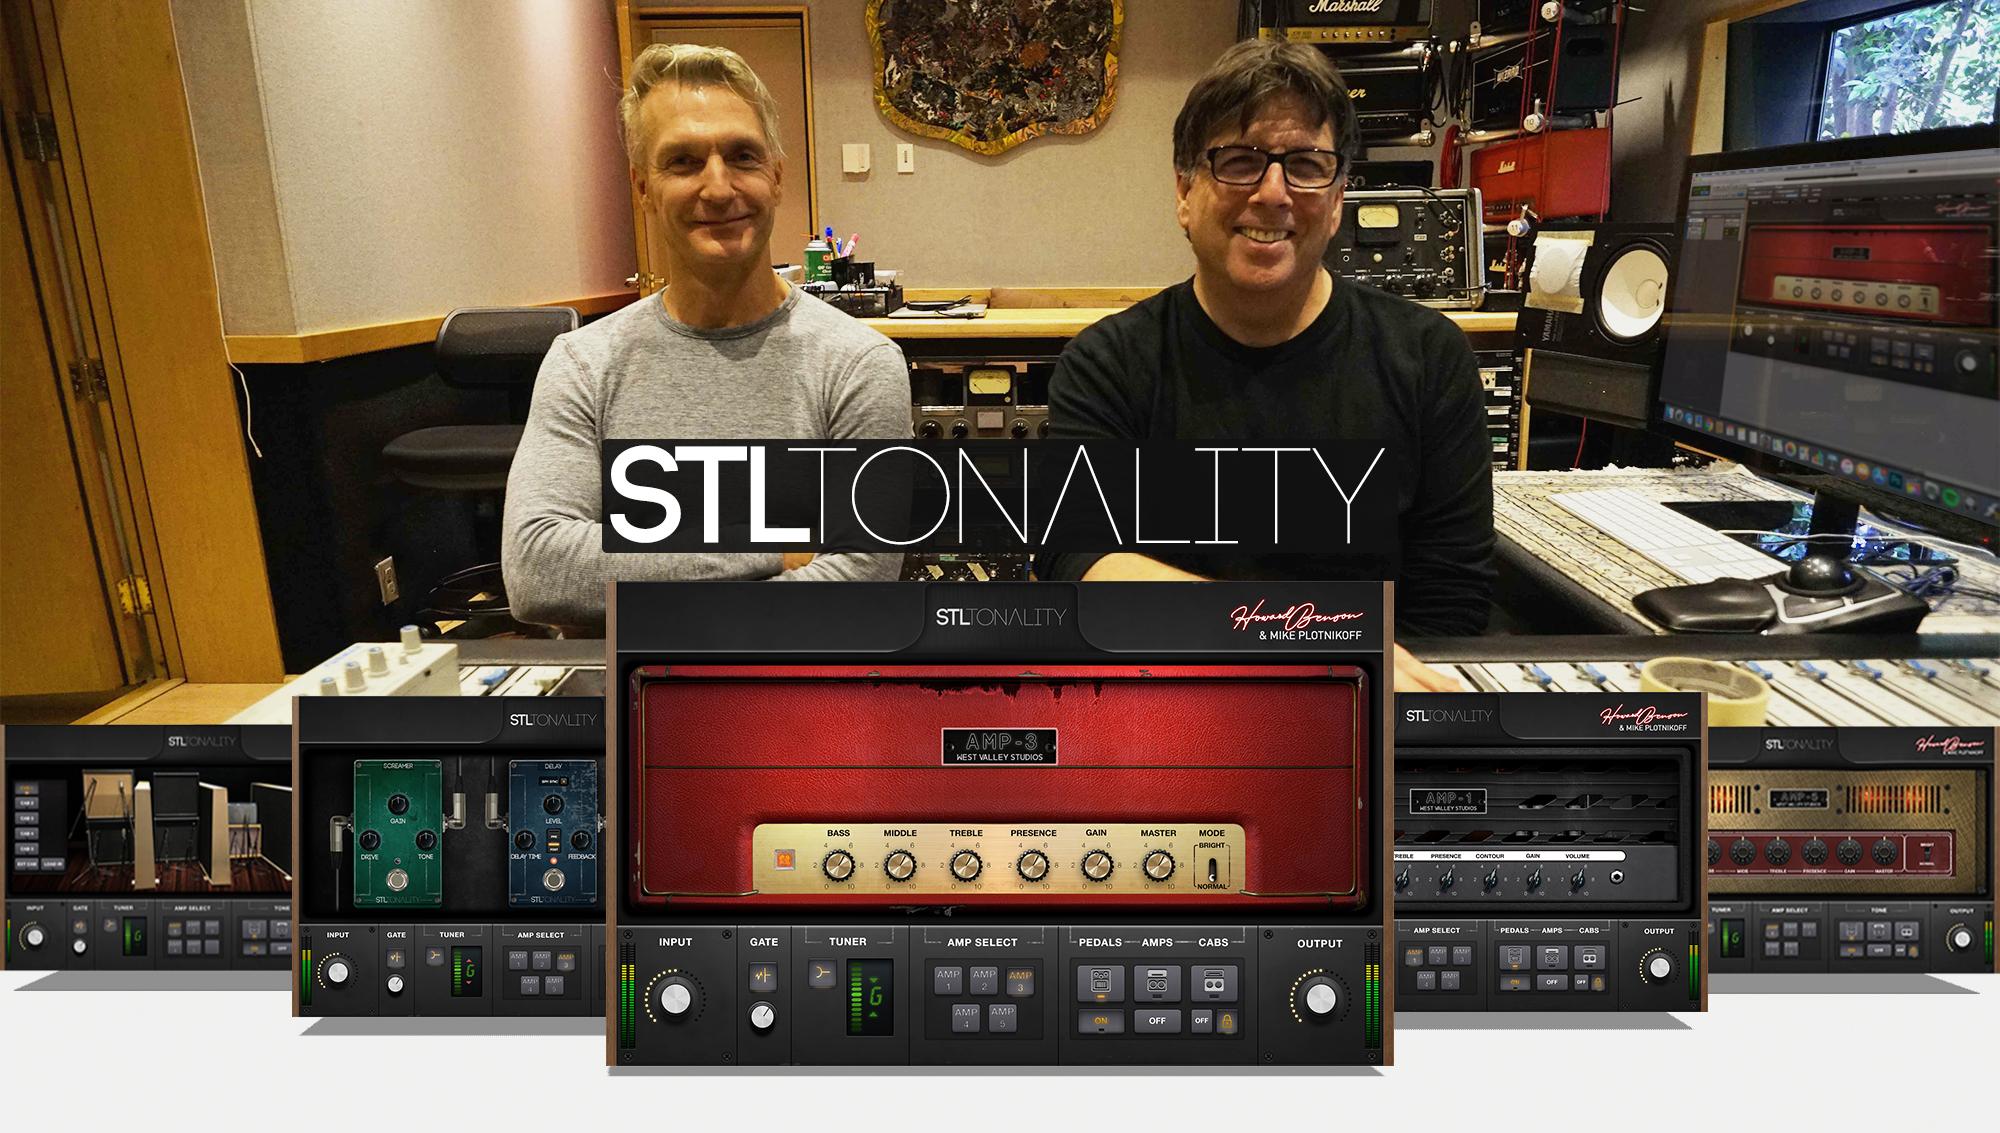 STL Tonality Howard Benson Guitar Plug-In Suite Now